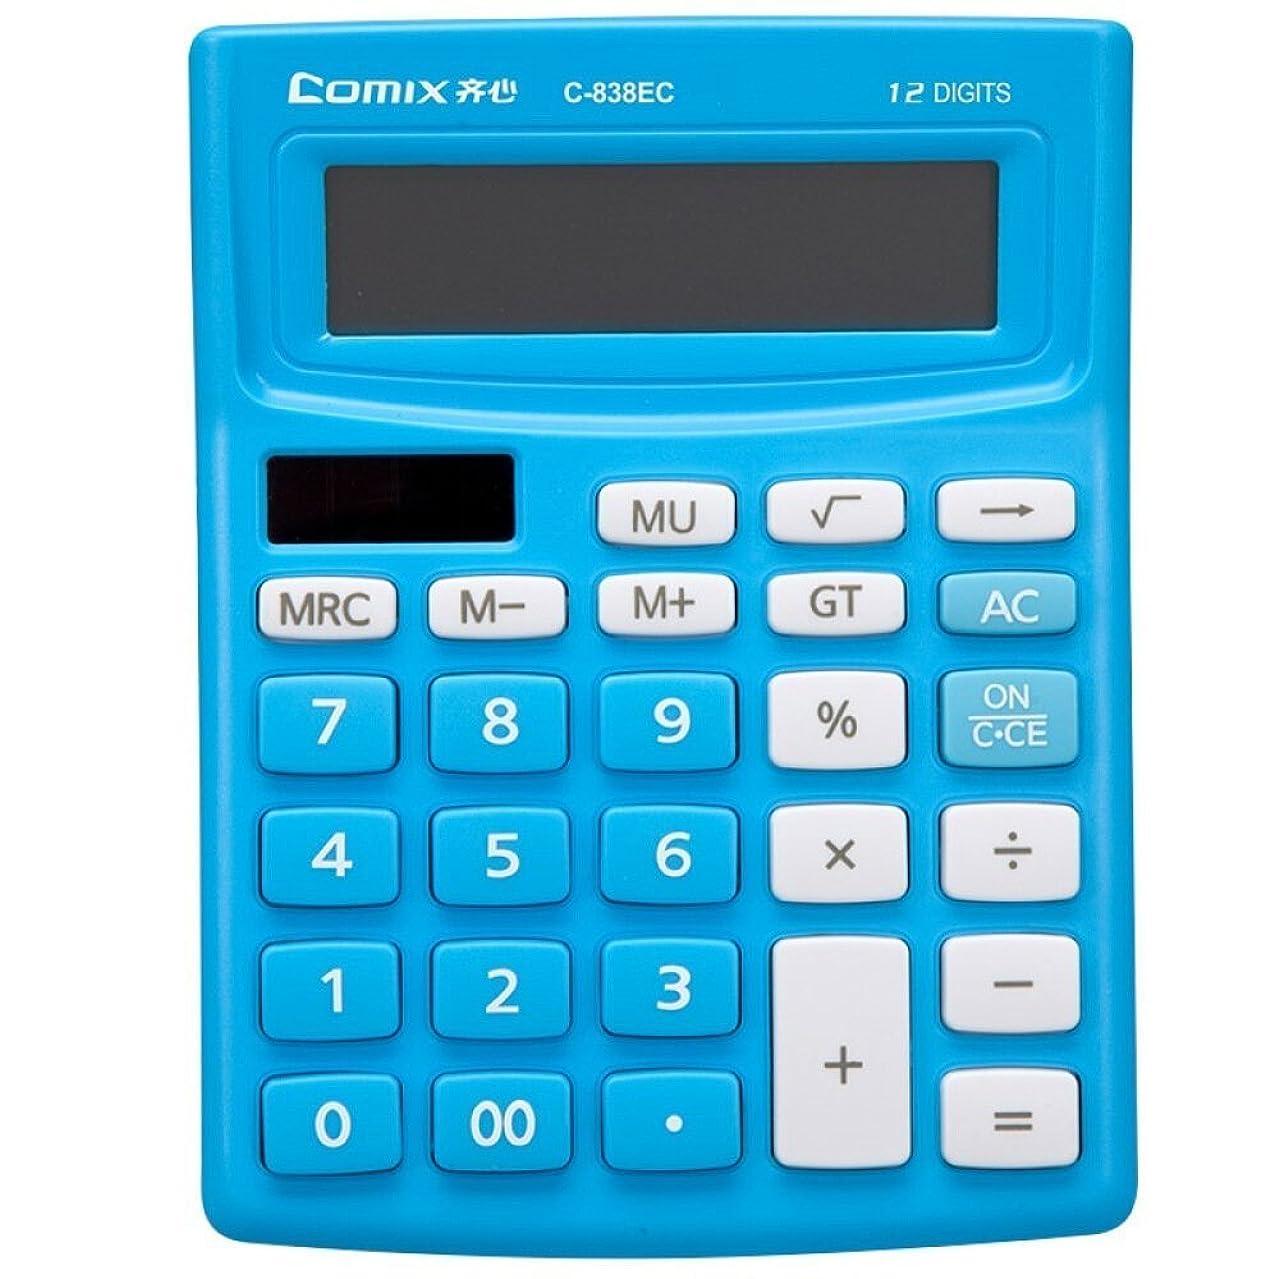 適合する抑止するミケランジェロ電子デスクトップ電卓大型12桁表示、ソーラーとボタン電池デュアル電源標準12桁ビッグディスプレイハンドヘルド機能付きデスクトップ電卓(ブルー)